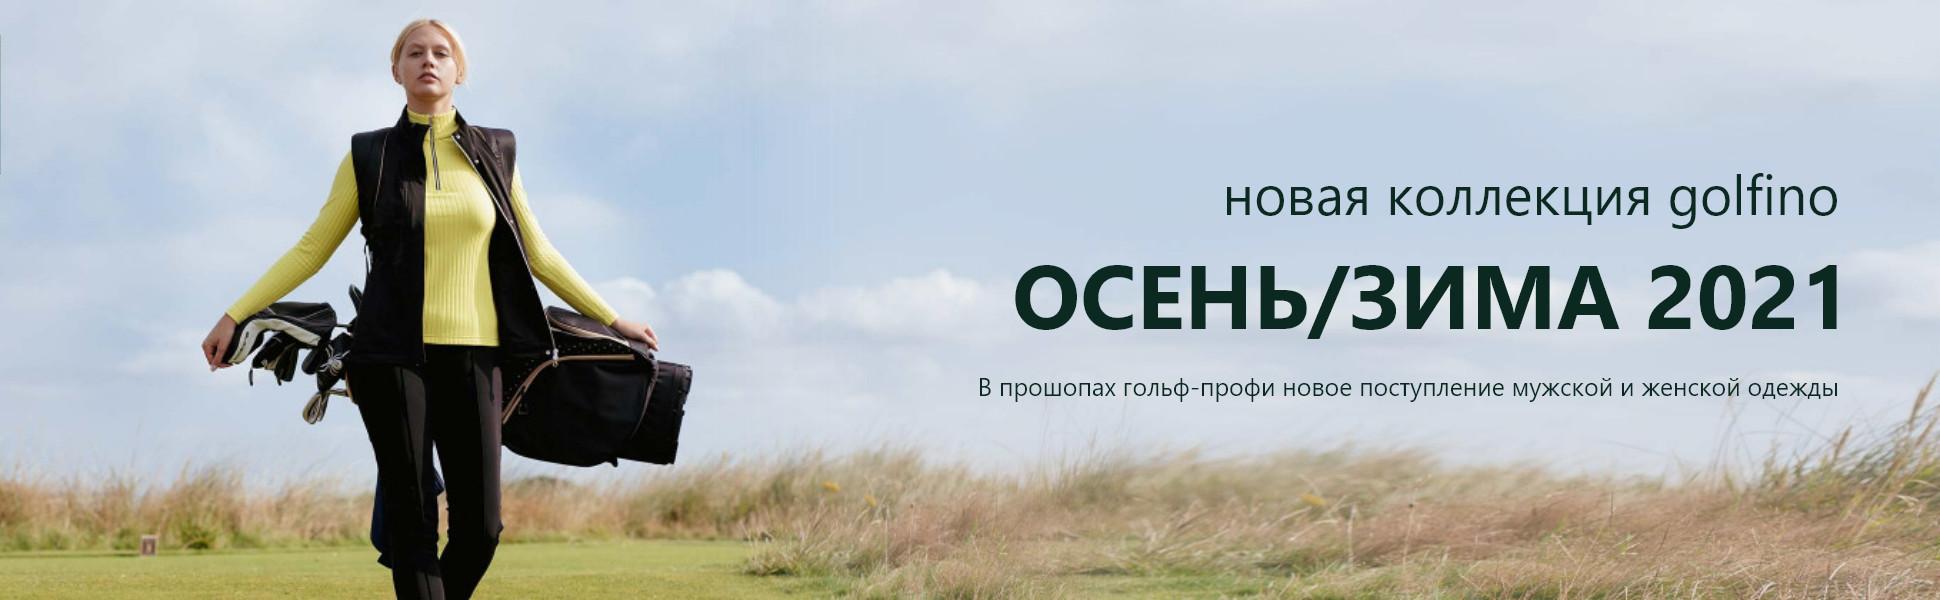 golfino осень-зима 2021